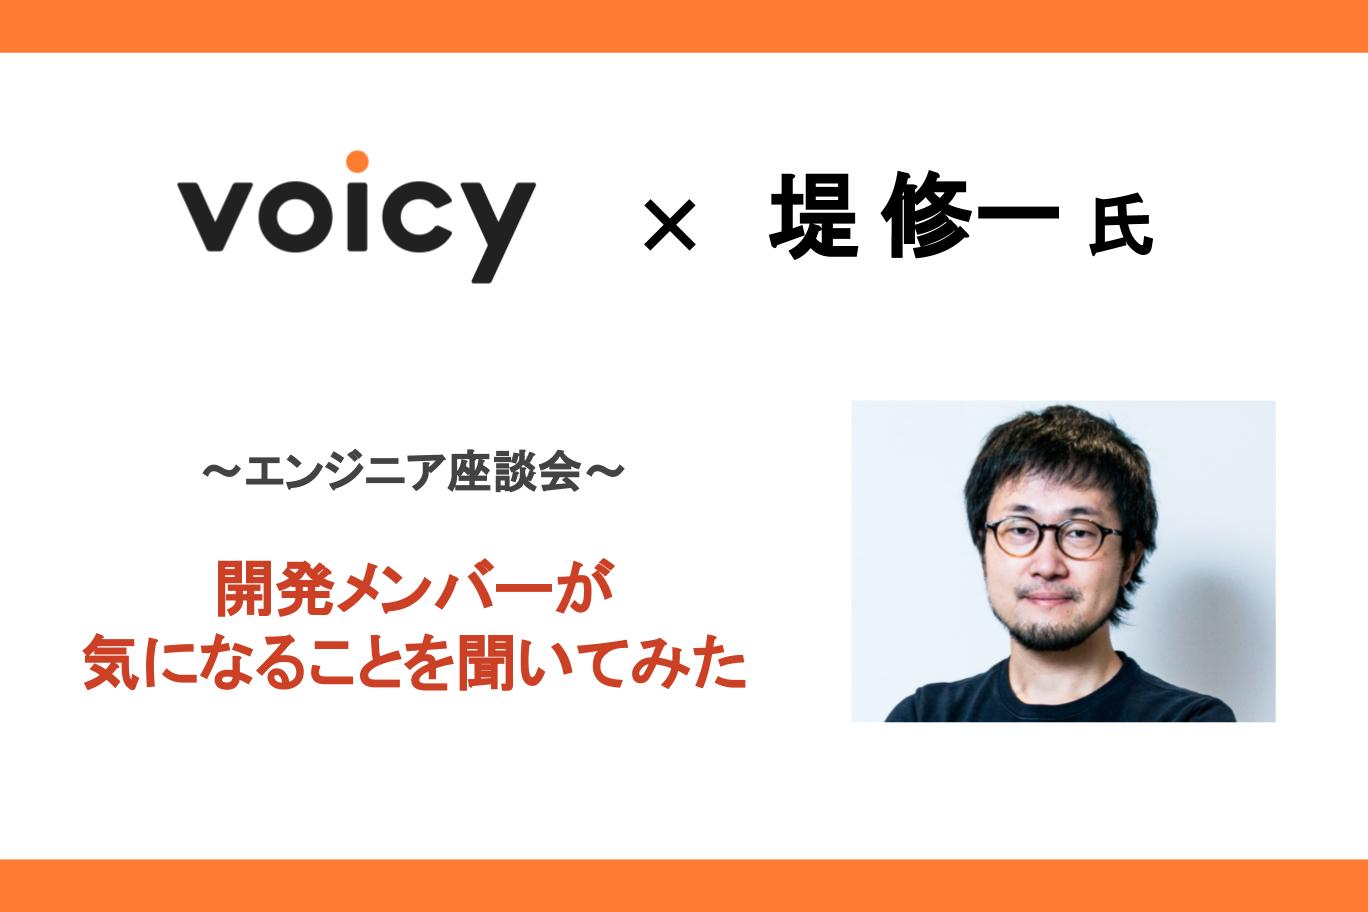 【エンジニア座談会】Voicy技術顧問の堤修一さんとの座談会が実現。〜開発メンバーが気になることを聞いてみた〜